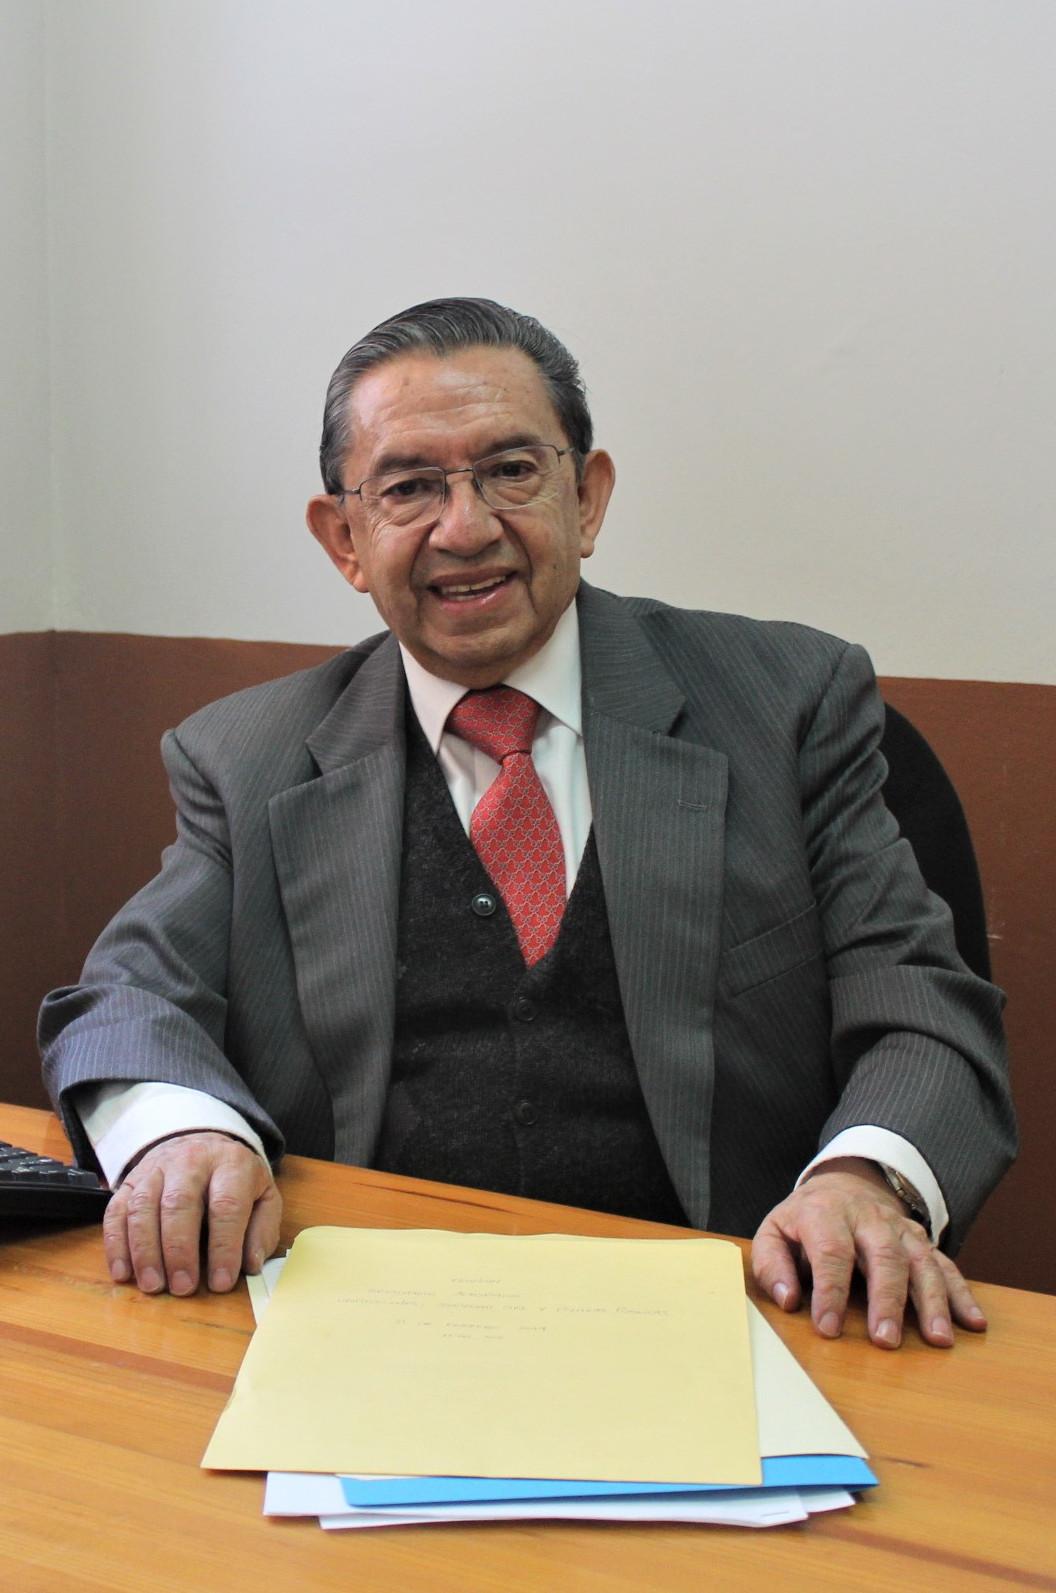 Carlos Francisco Quintana Roldán